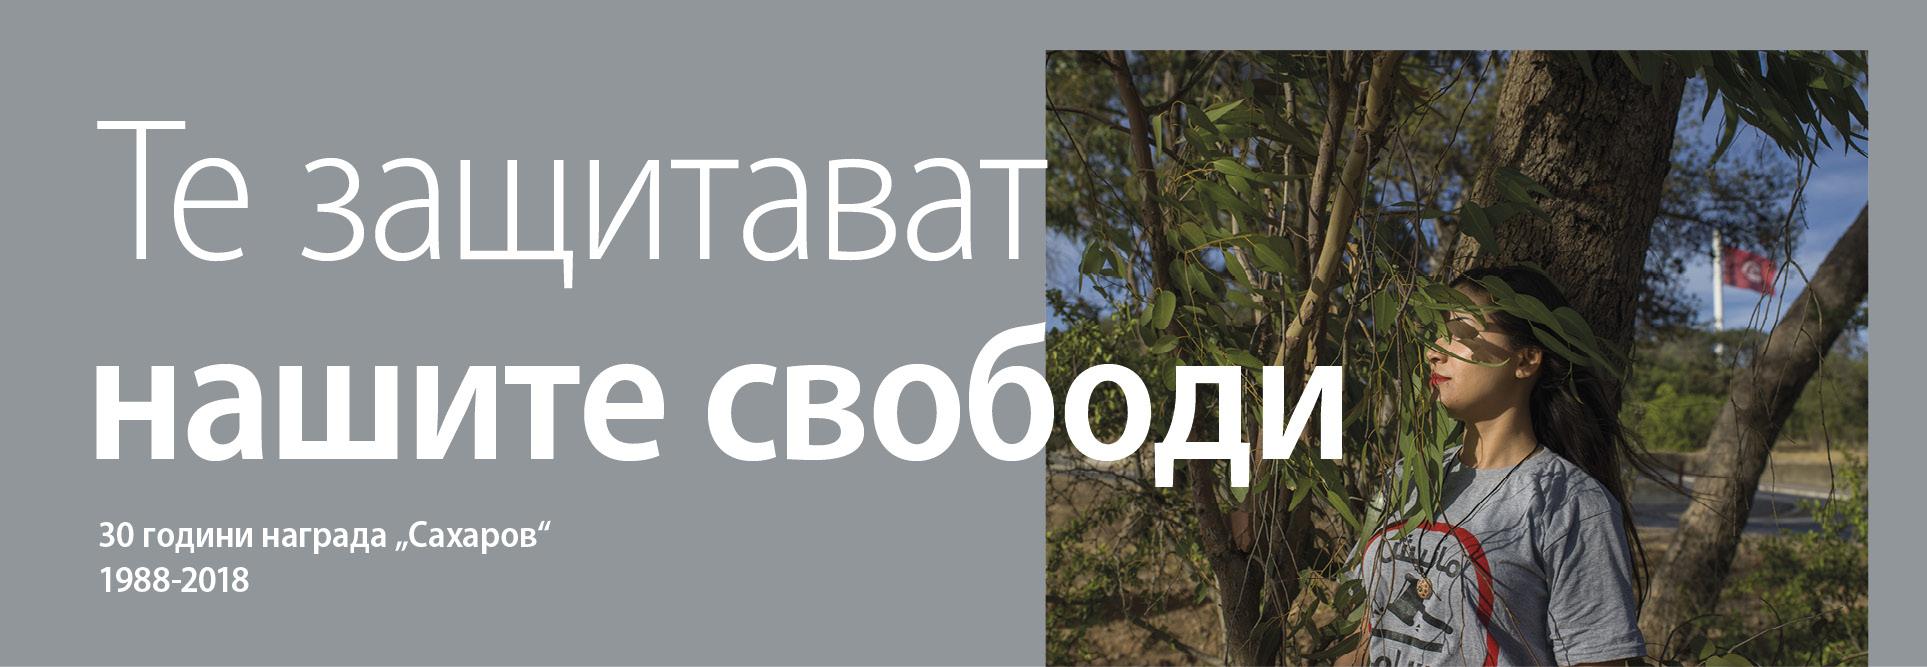 """Те защитават нашите свободи - 30 години награда """"Сахаров"""" 1988-2018"""